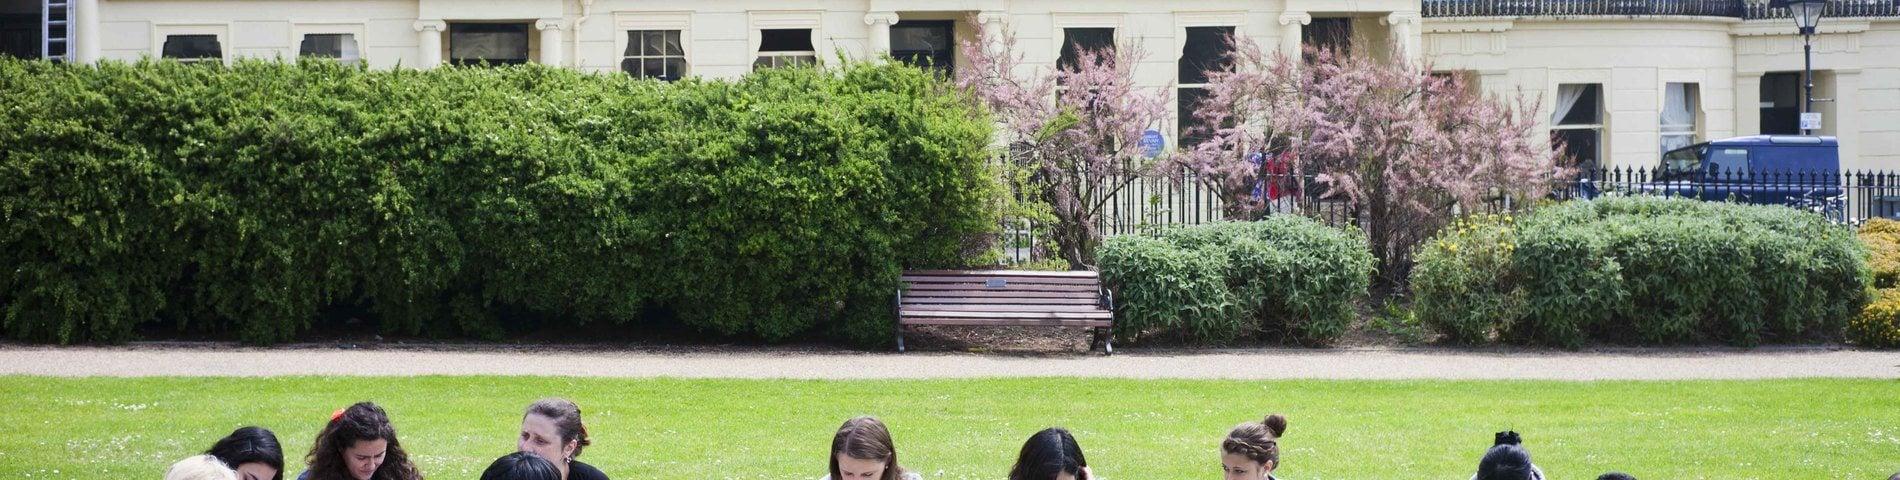 Imagen 1 de la escuela Oxford International Education